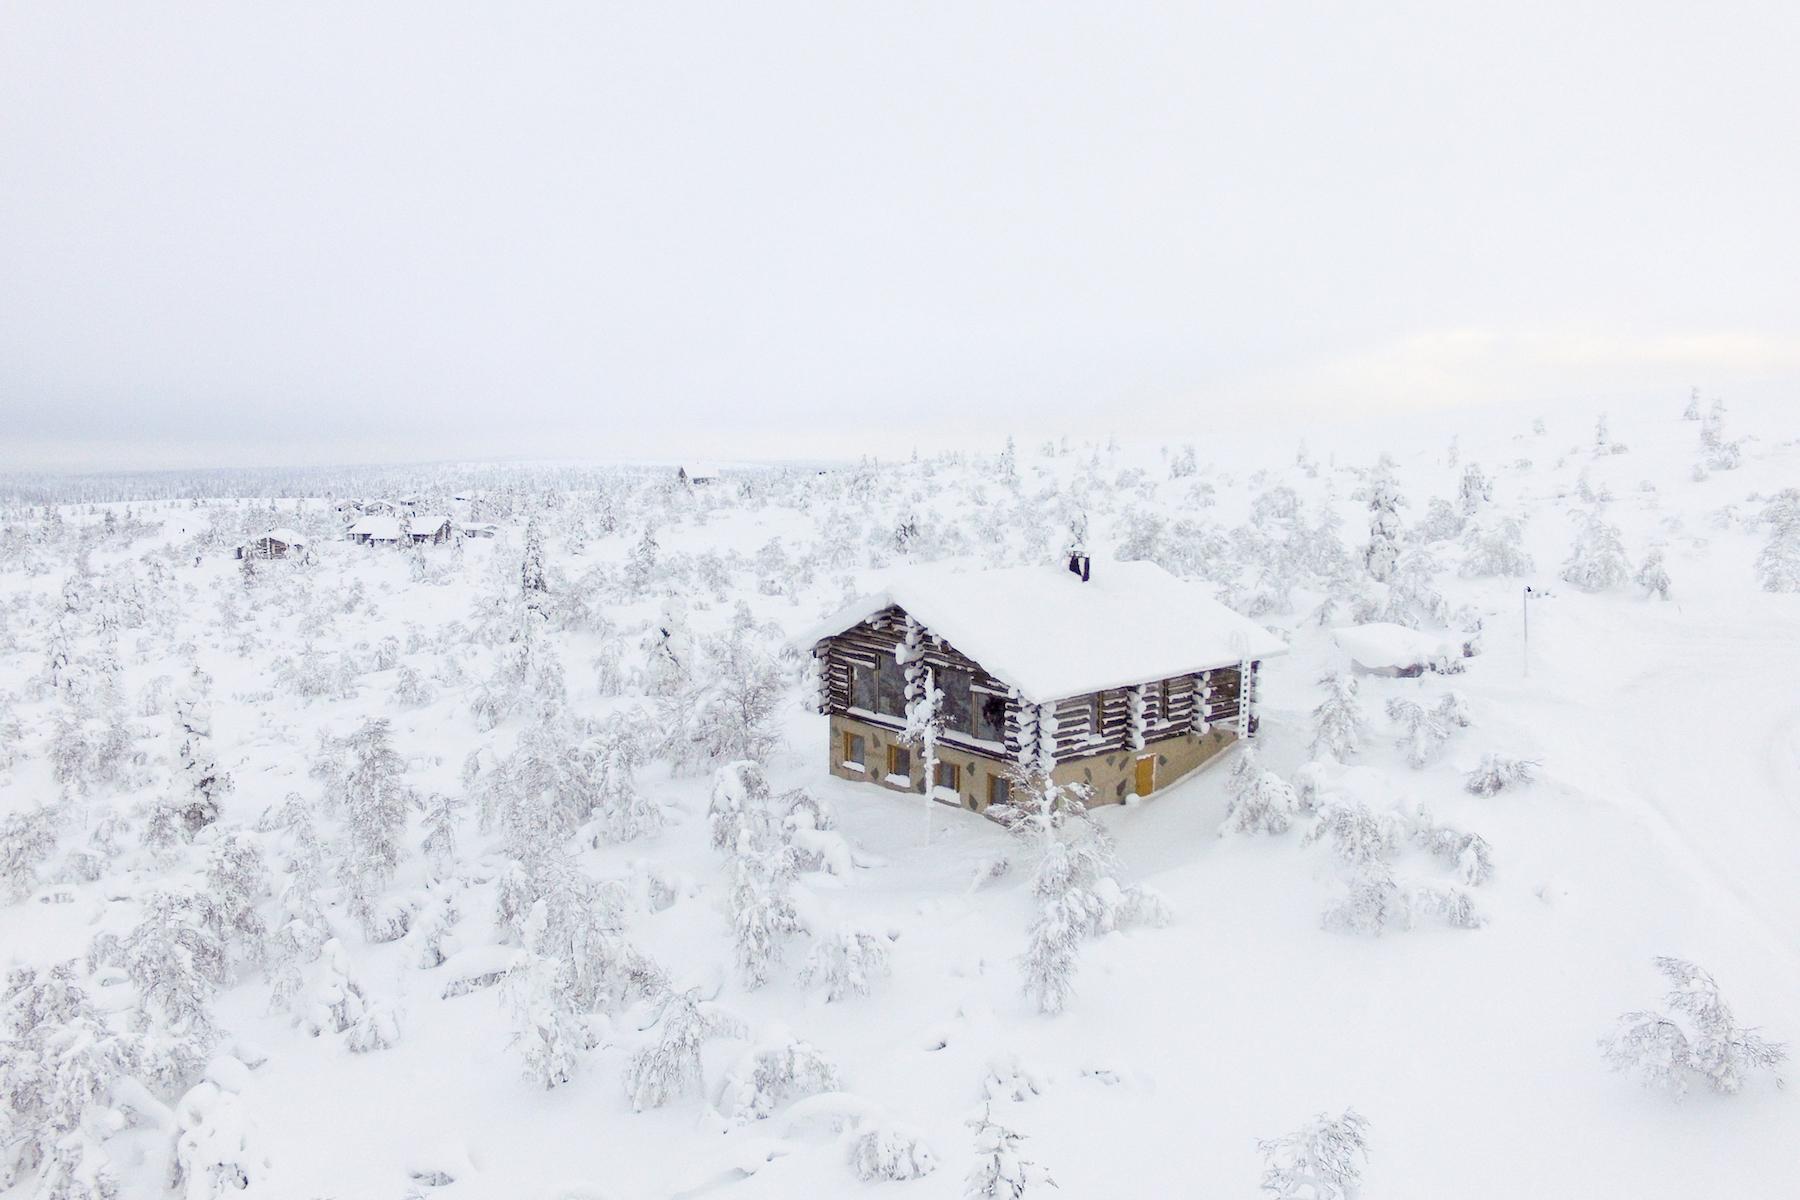 Einfamilienhaus für Verkauf beim Extraordinary Ski Chalet in Lapland Uuvana 1 Other Cities In Finland, Cities In Finland, 99830 Finland